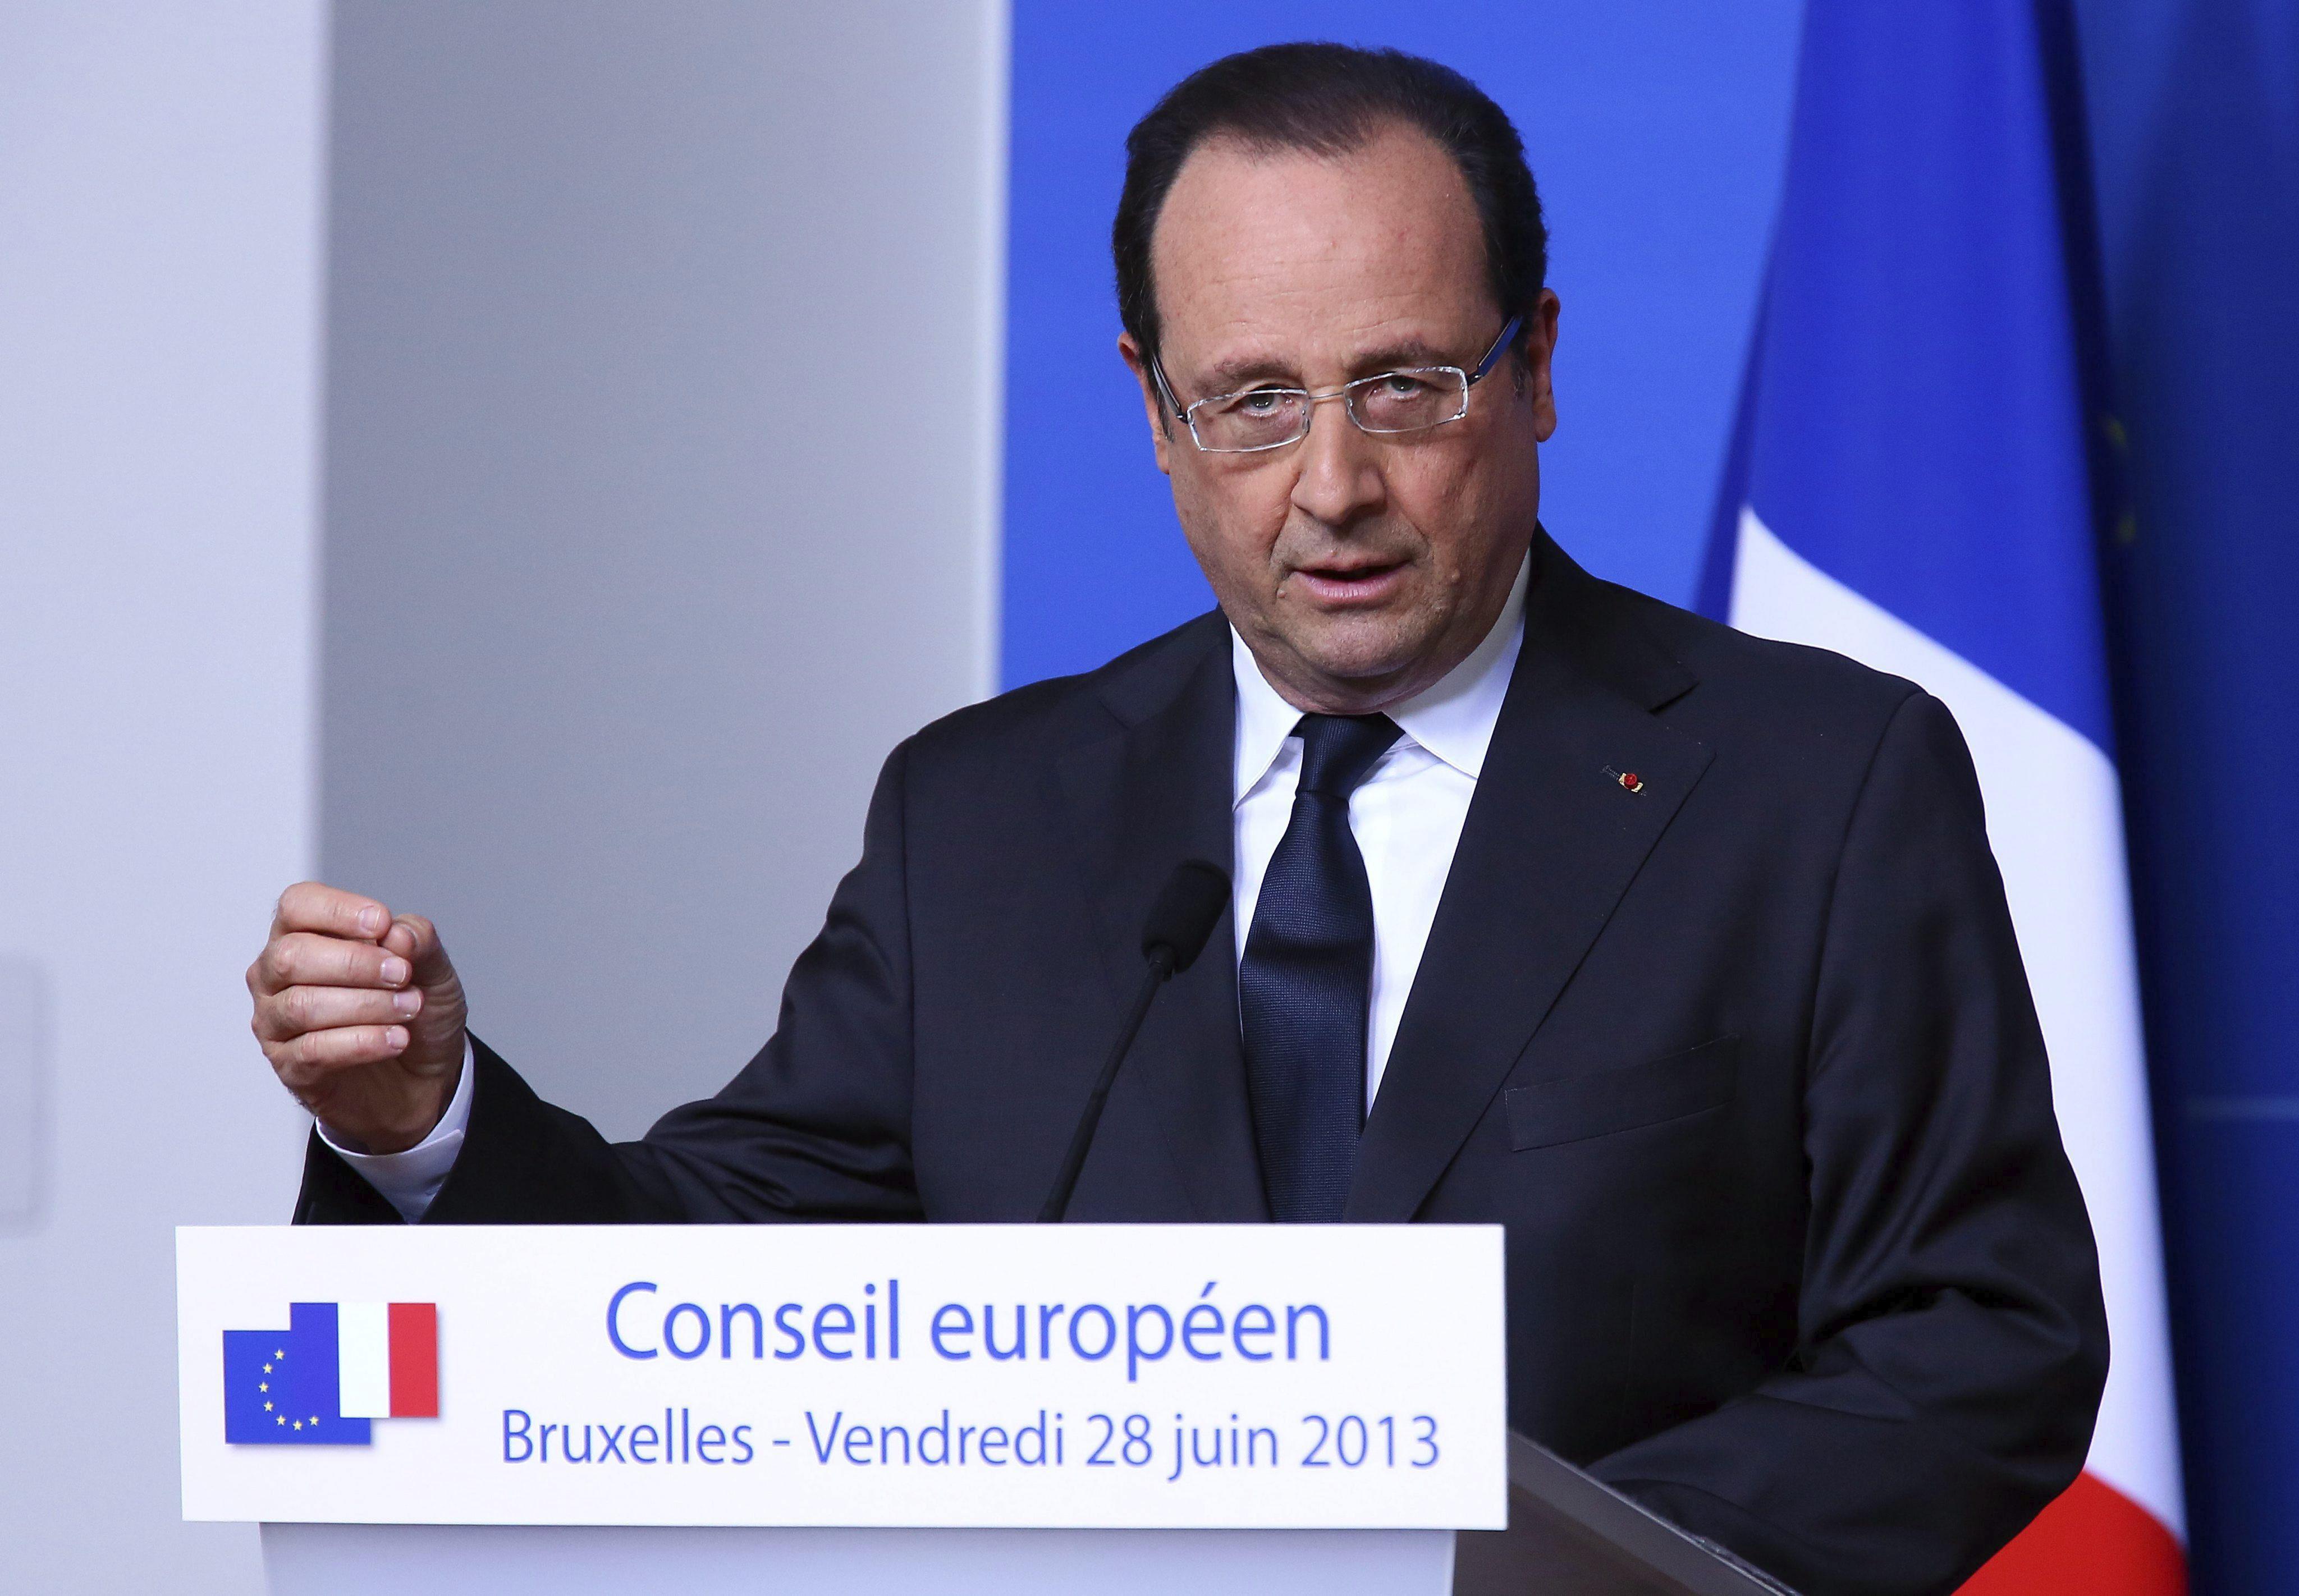 Hollande exige el cese inmediato del espionaje «inaceptable» de EEUU